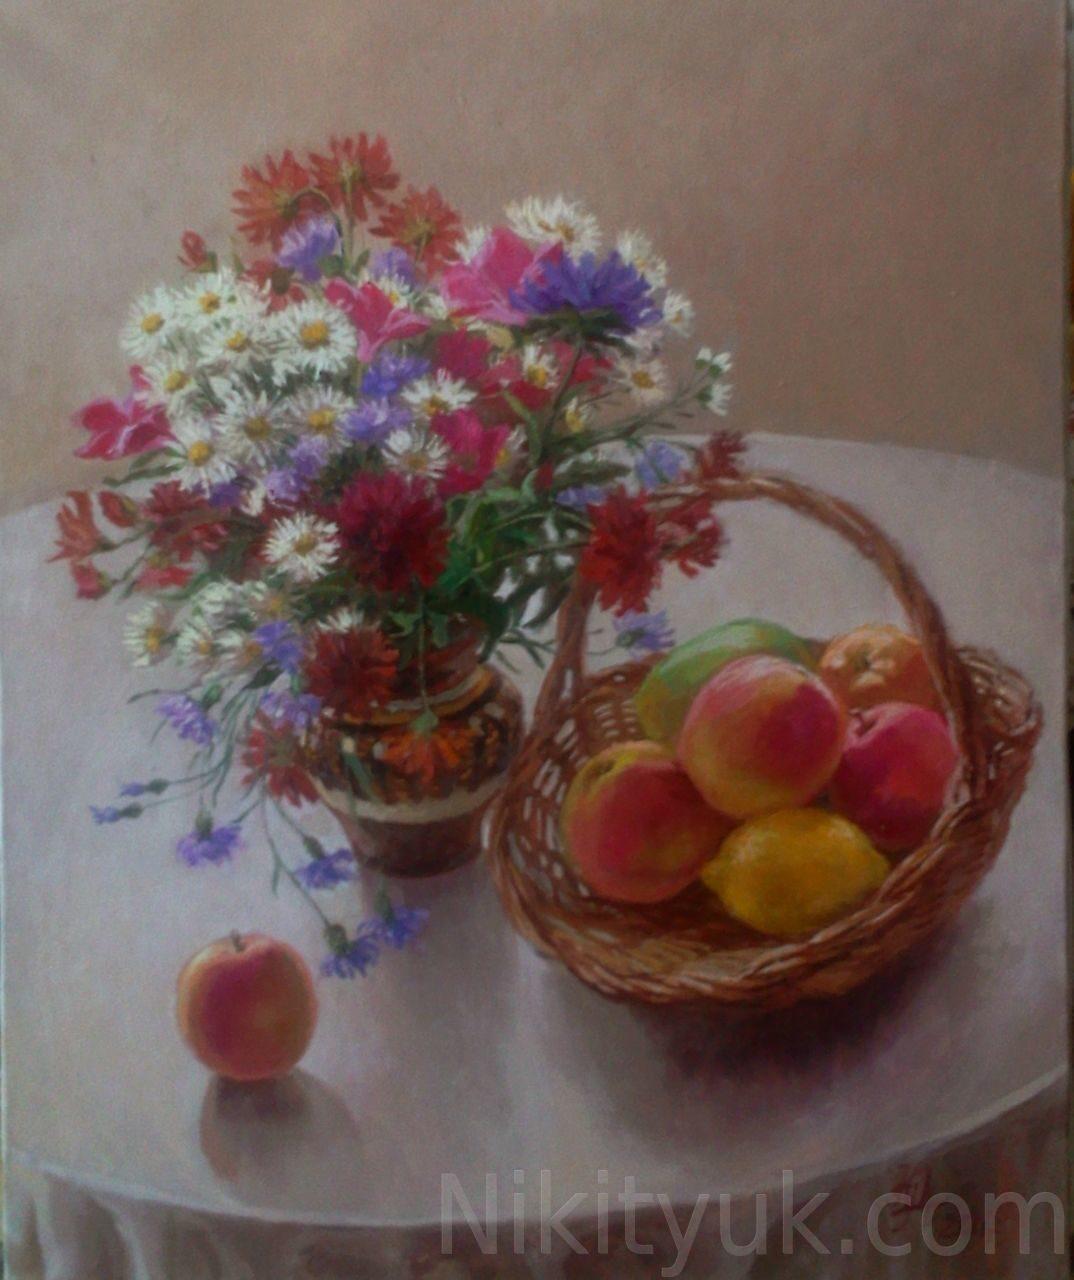 Цветы и фрукты, х.м., 45х40см, 2010г. 20 000 руб., под заказ